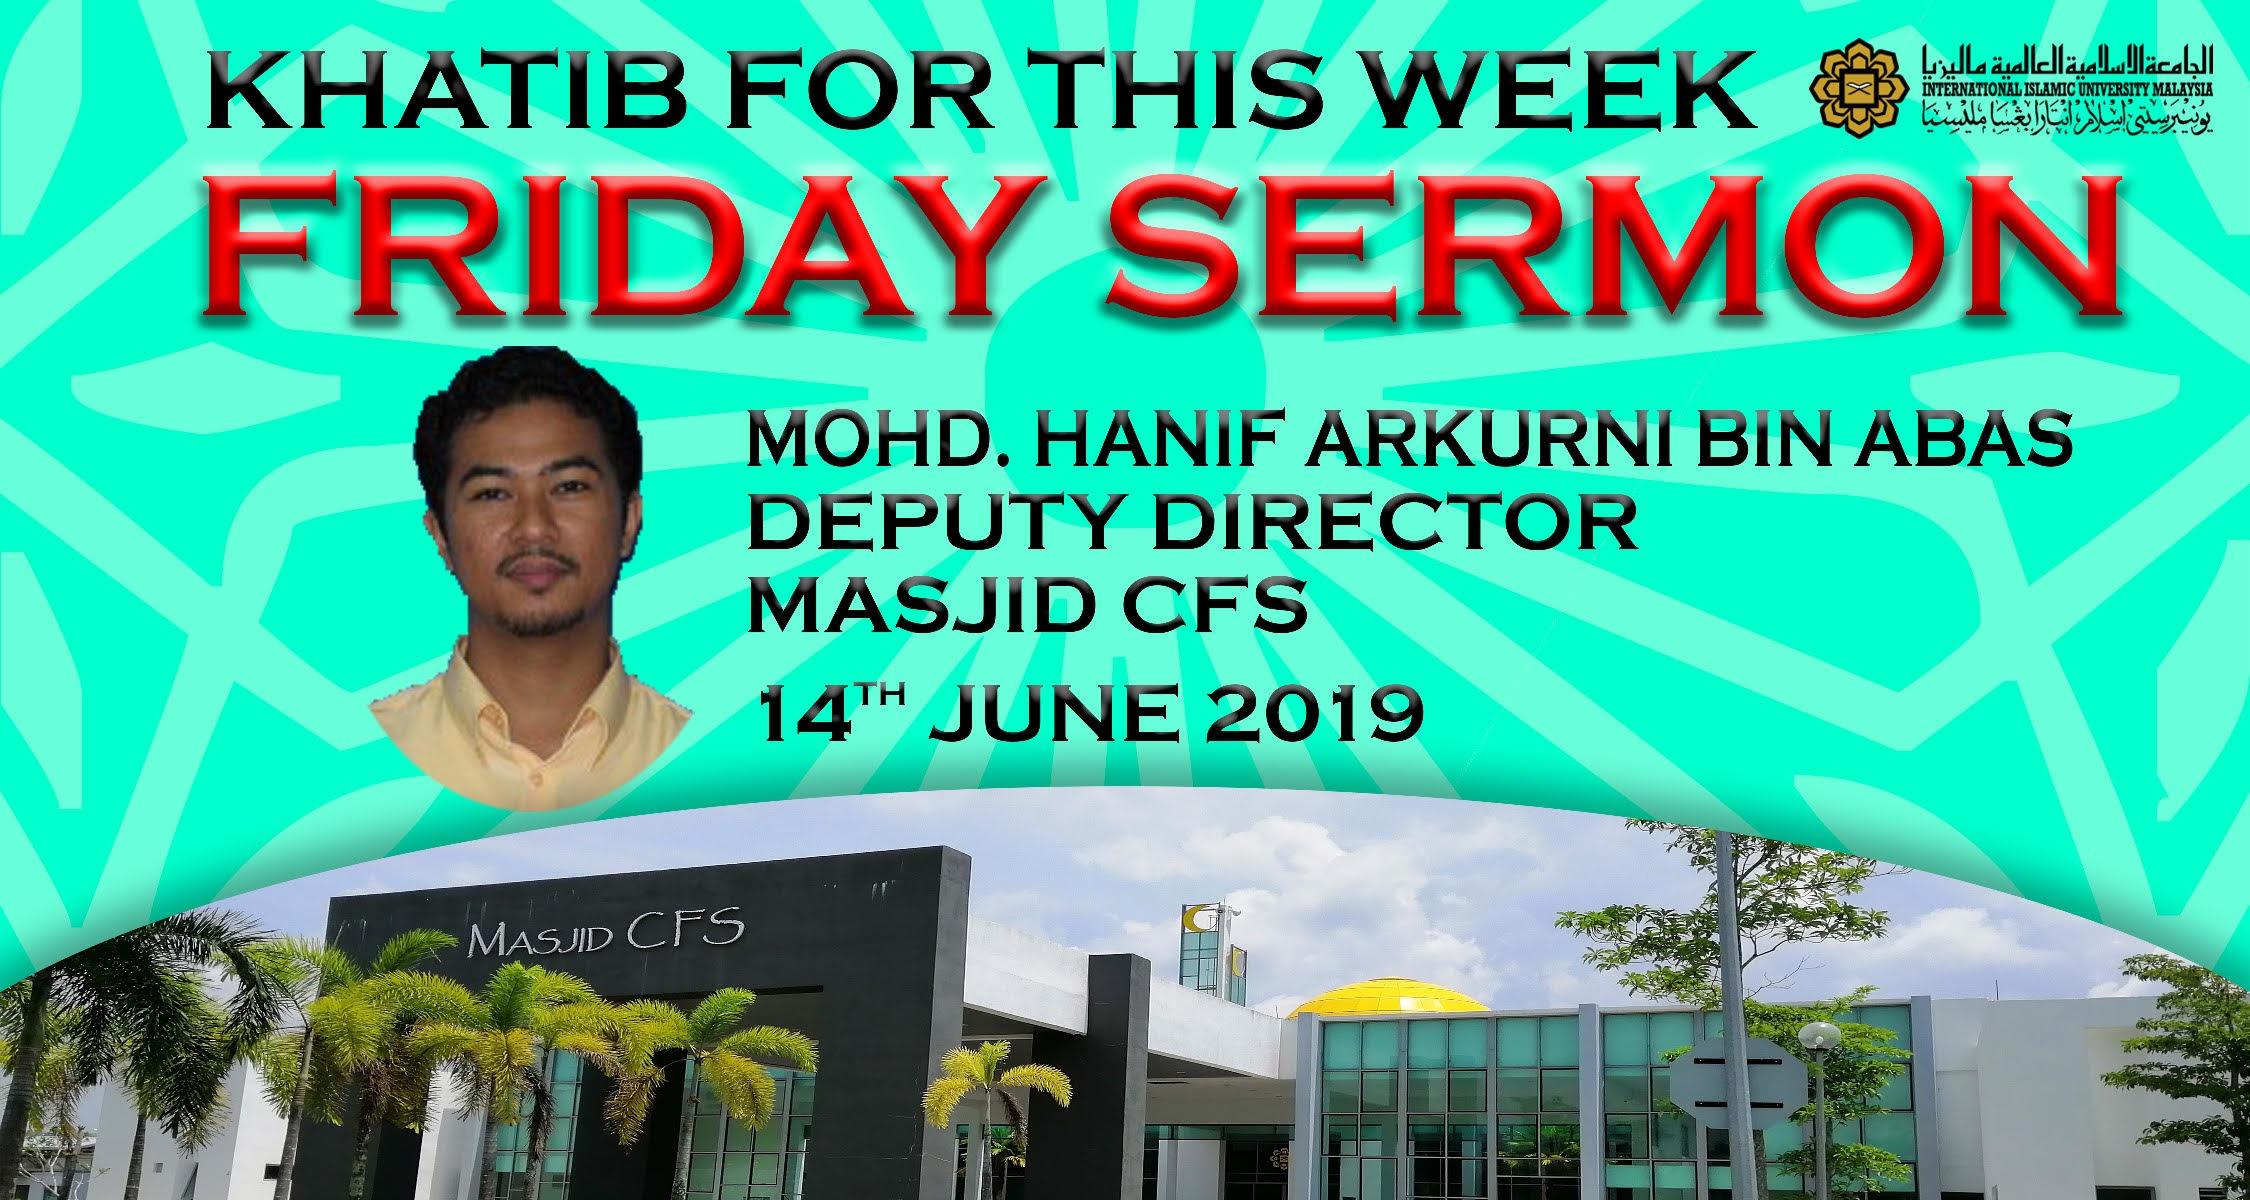 First Friday Prayer at Masjid CFS